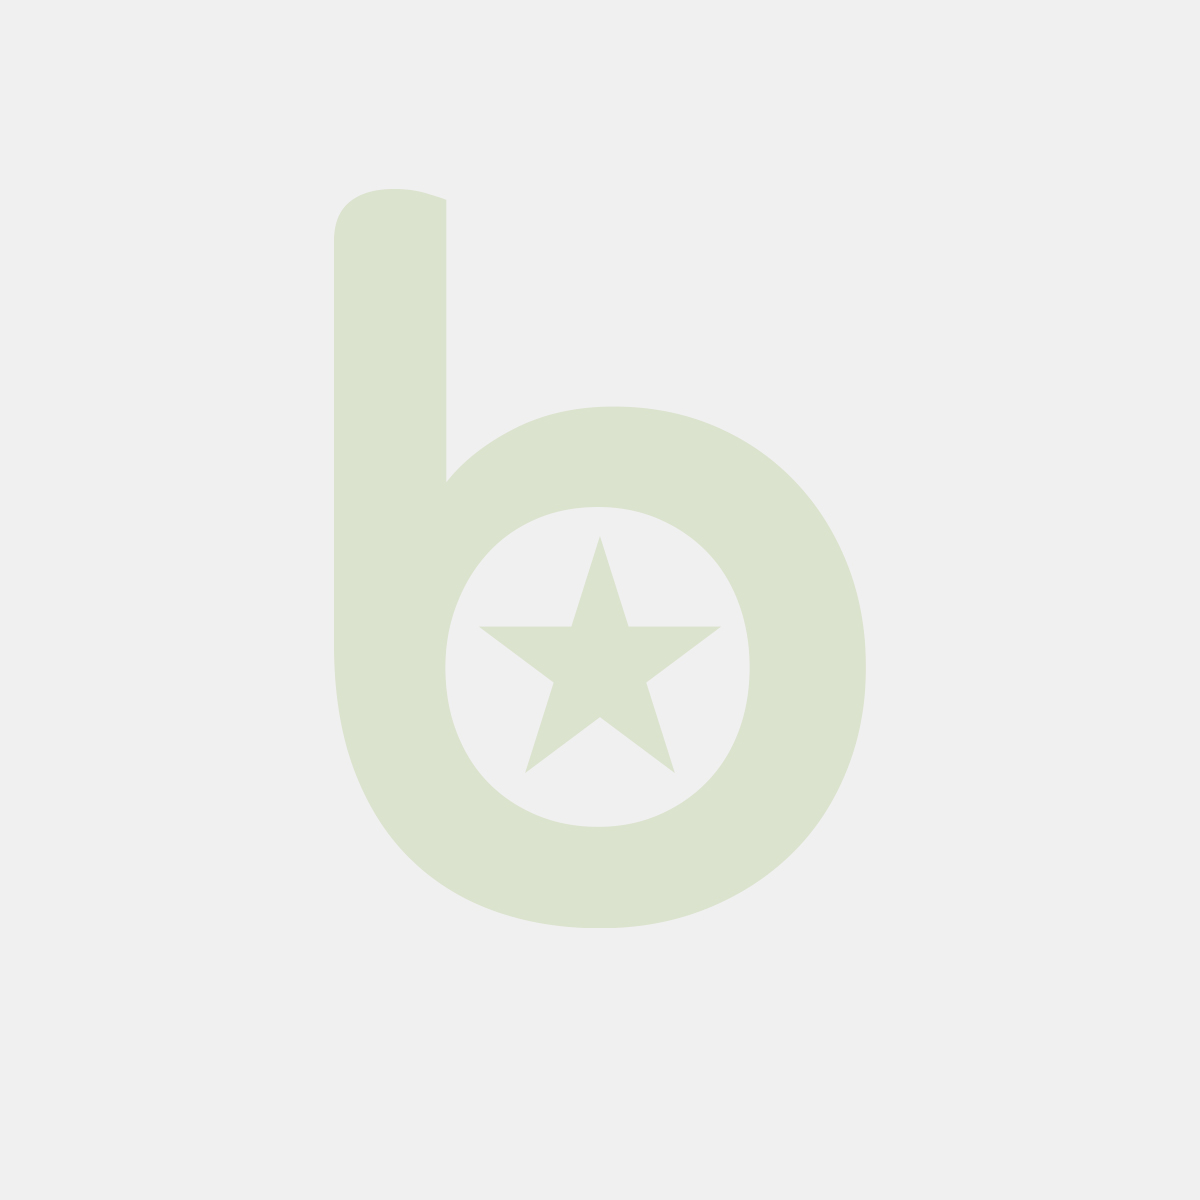 Kosz Prestige Maxi prostokątny czarny PP, 52,5x32,5x8cm